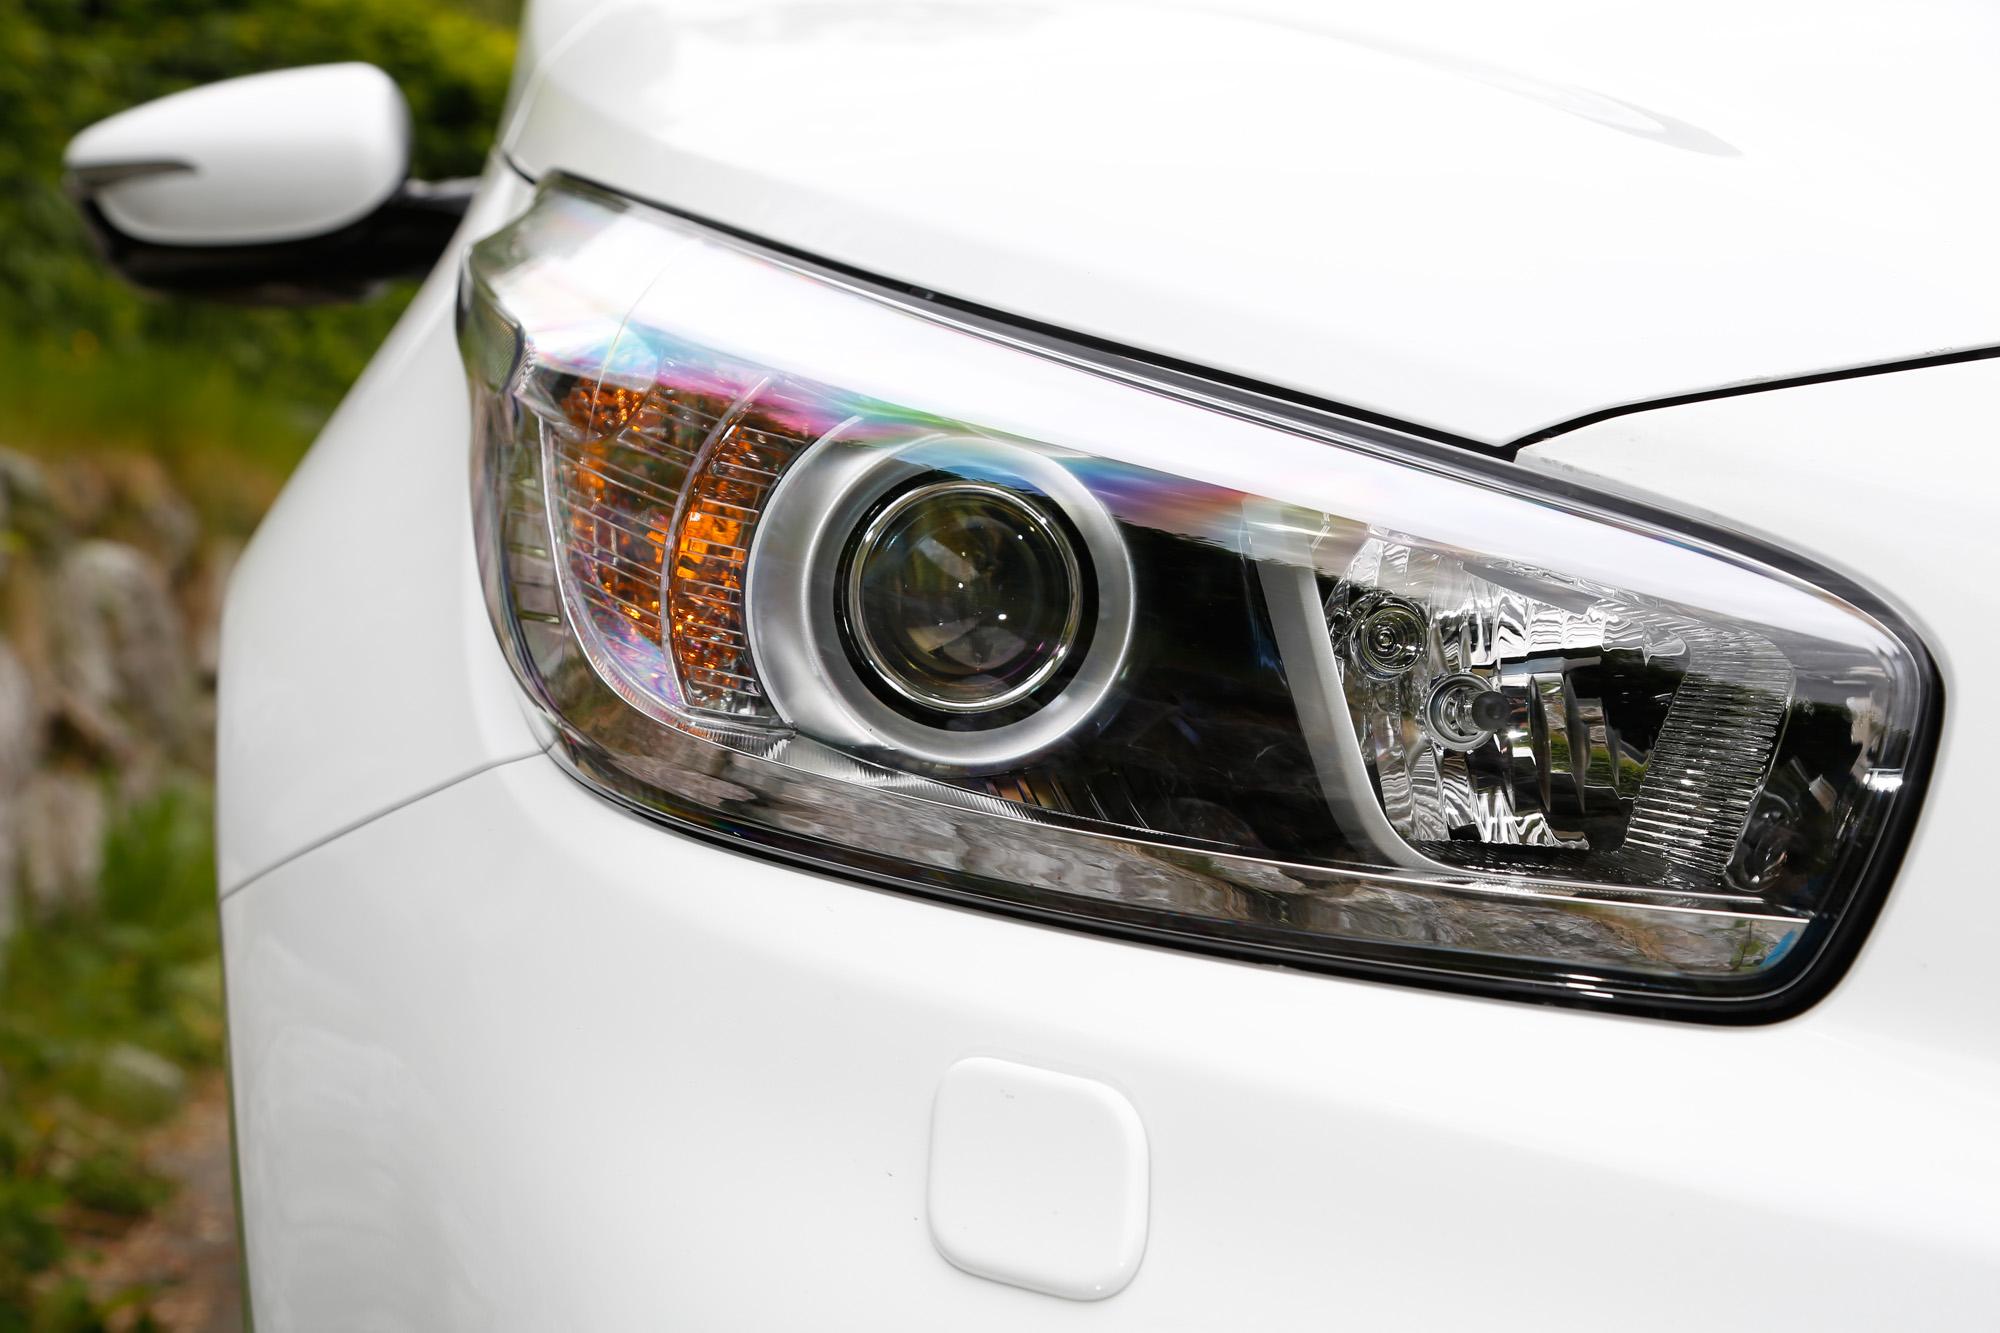 Lang gezogene Xenonlichter verleihen dem Kia cee'd GT Track neue Dynamik